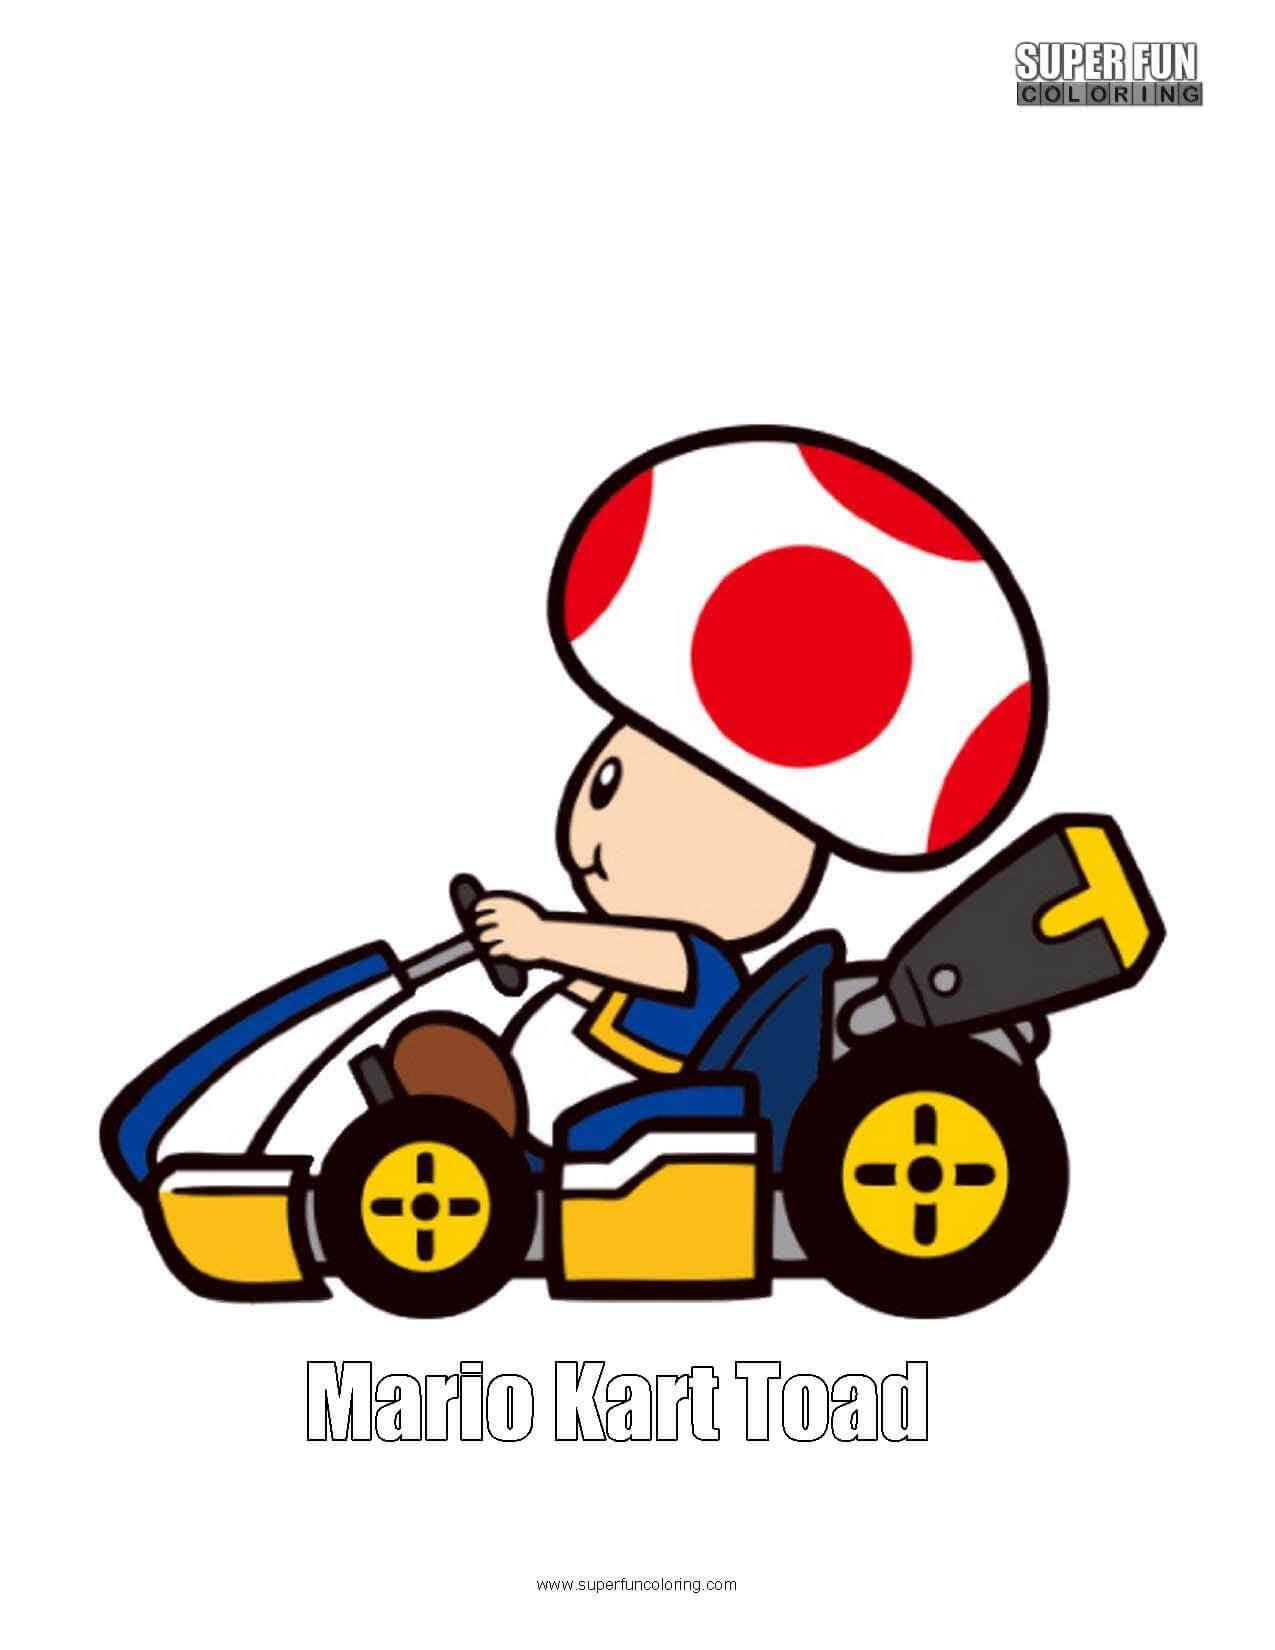 Mario Kart Toad Coloring Page Nintendo